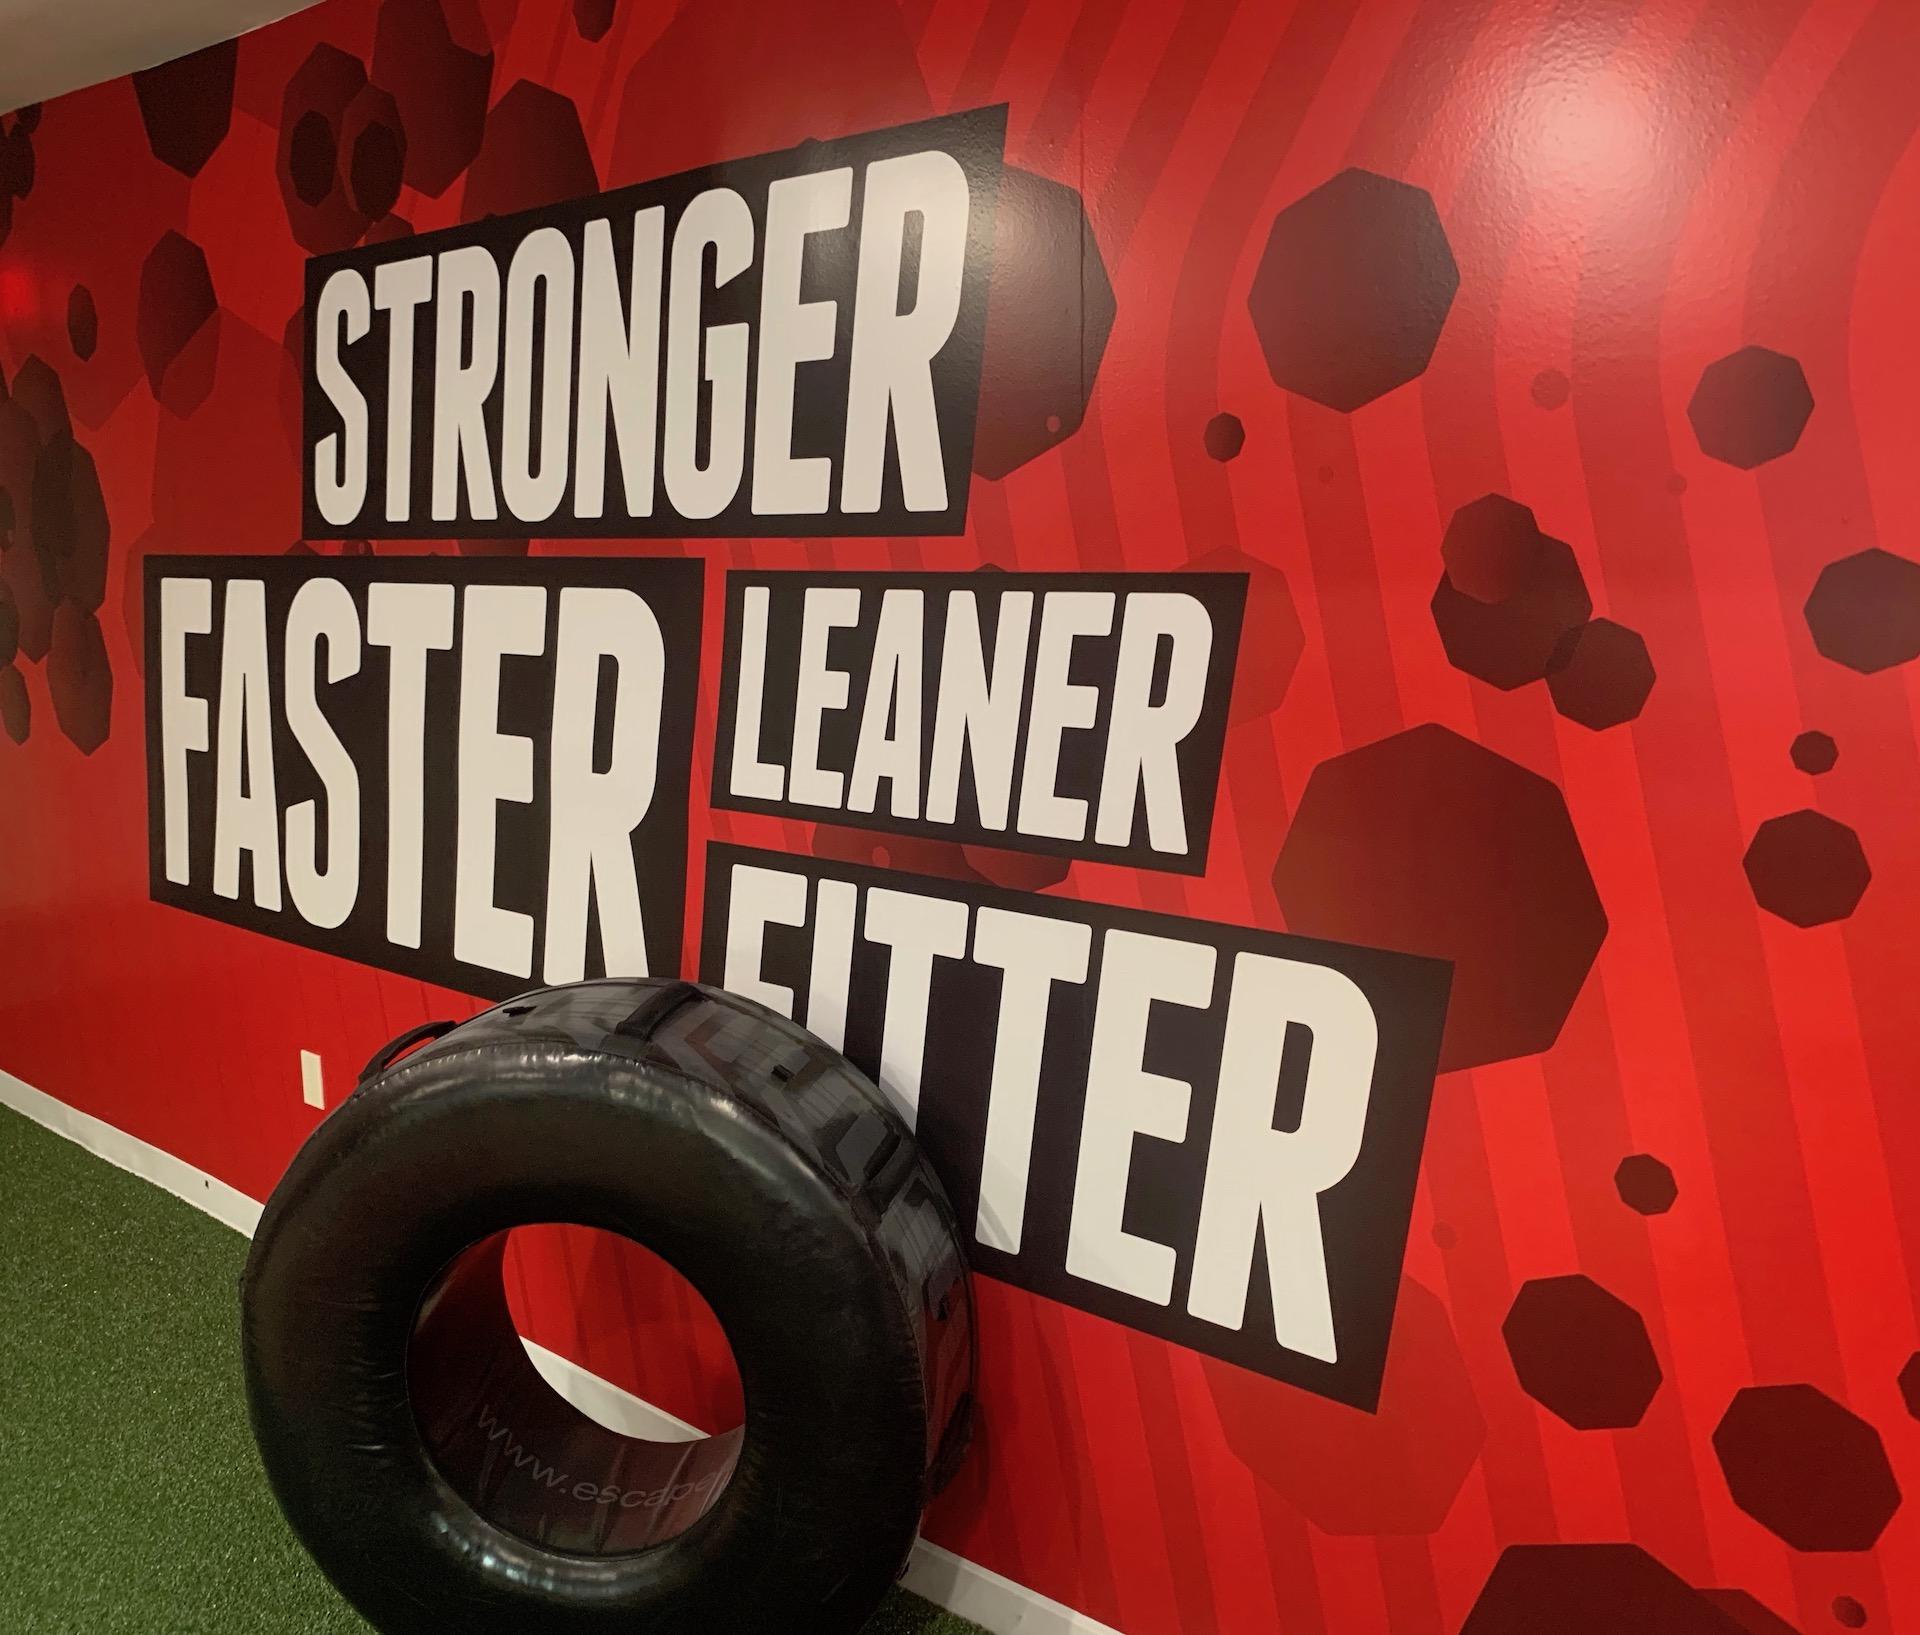 Stronger faster leaner fitter sign